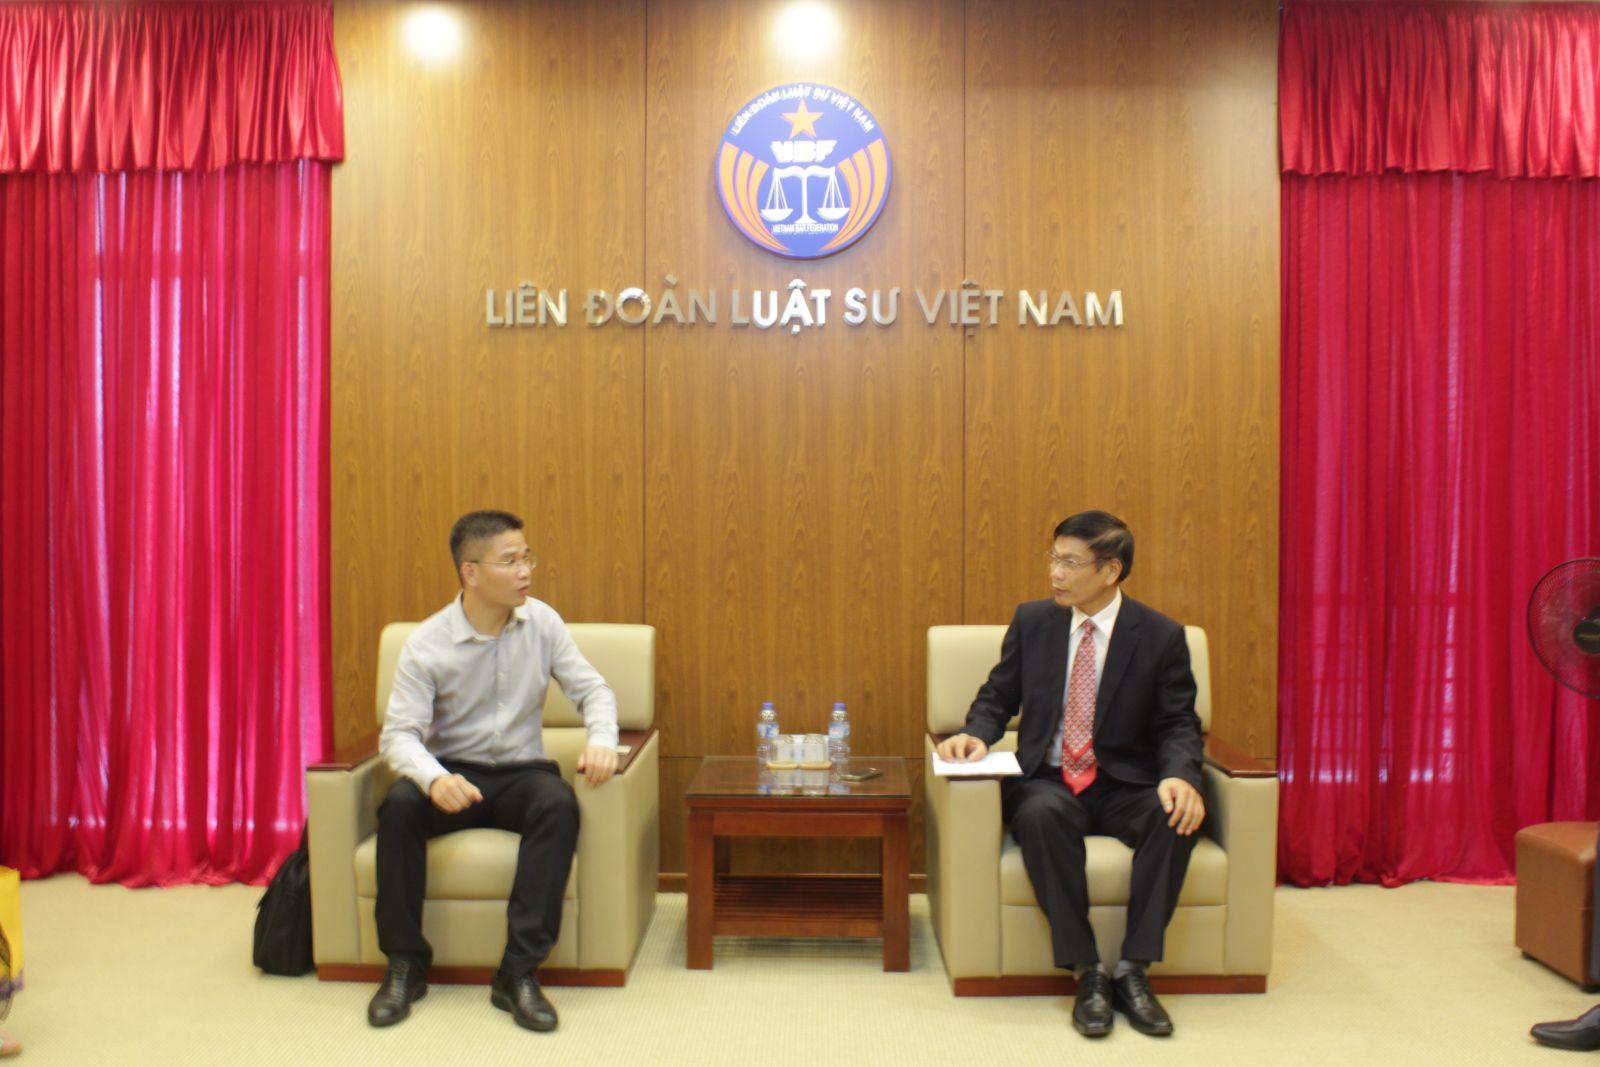 Attorney Nguyen Van Huyen